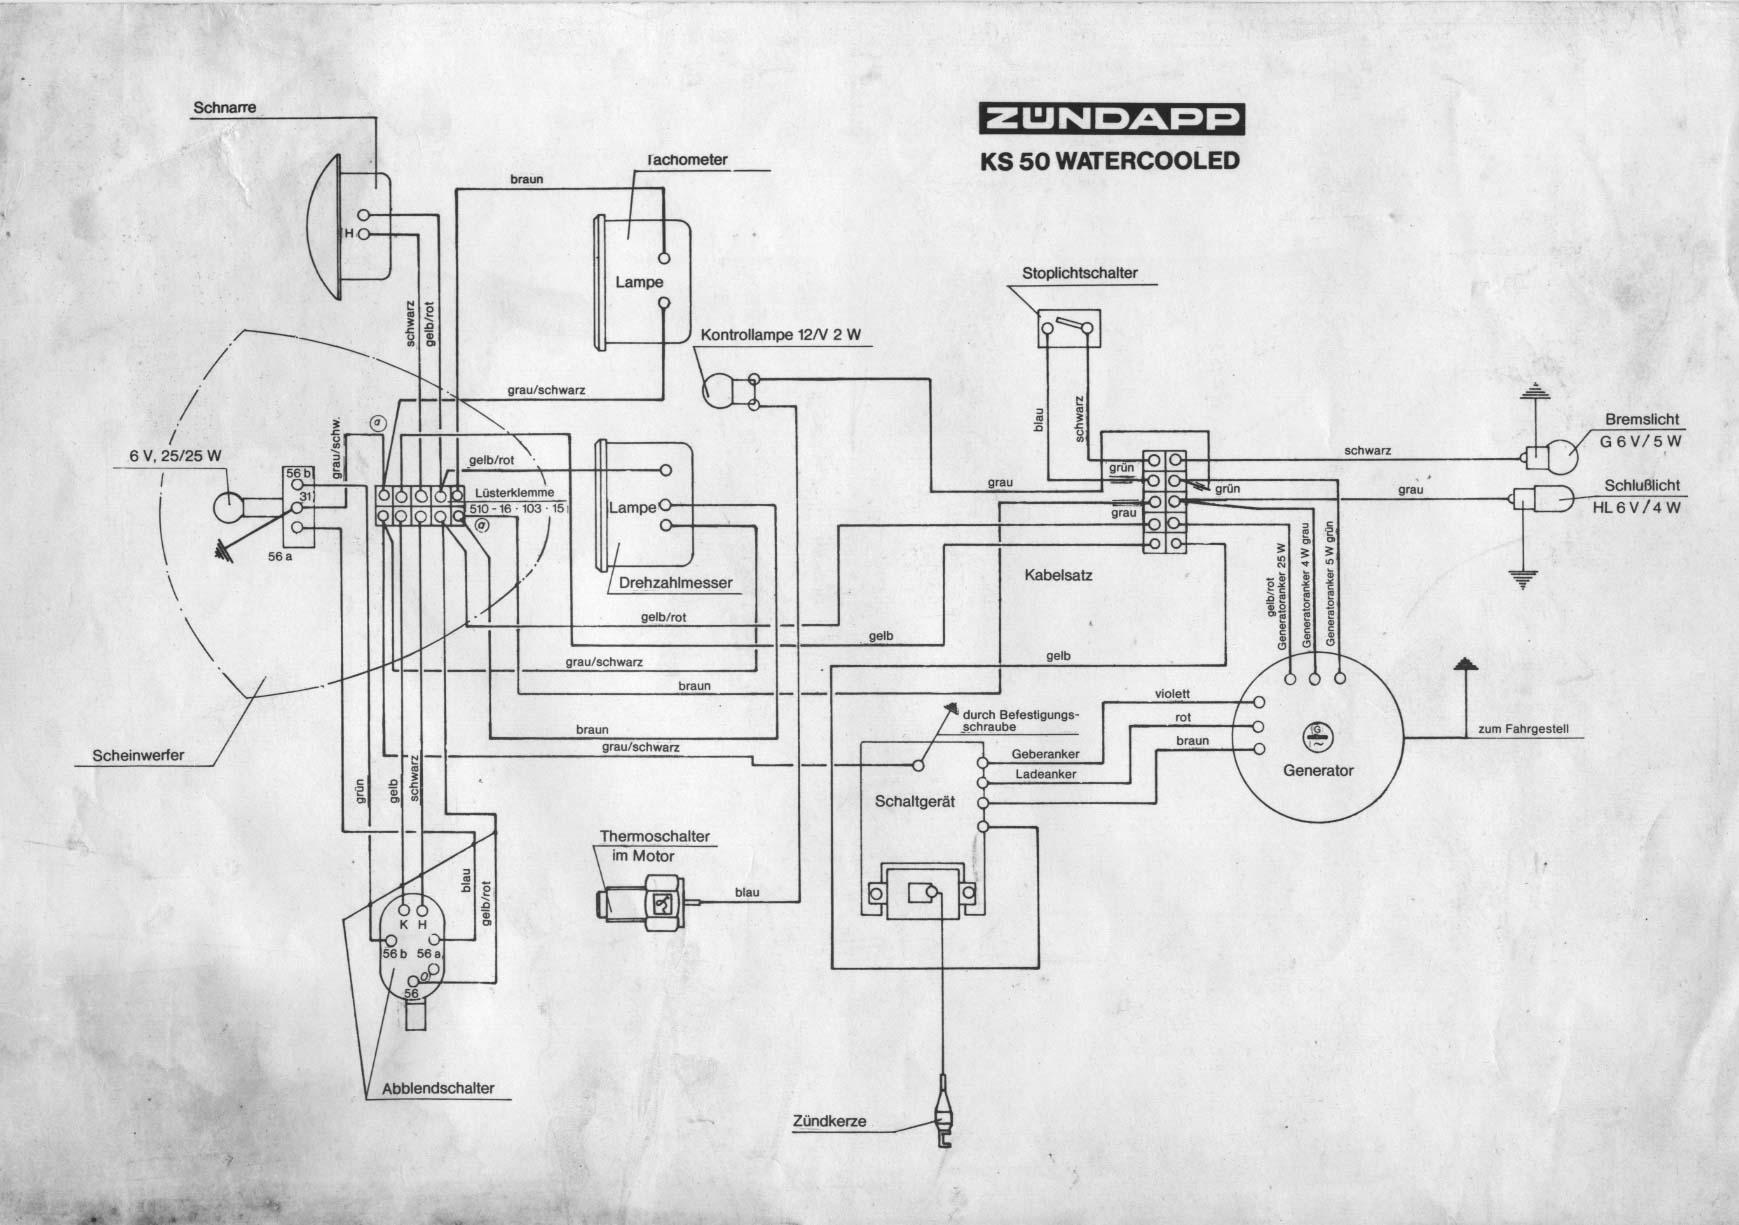 Erfreut Gmc Bremslicht Schaltplan Galerie - Elektrische Schaltplan ...